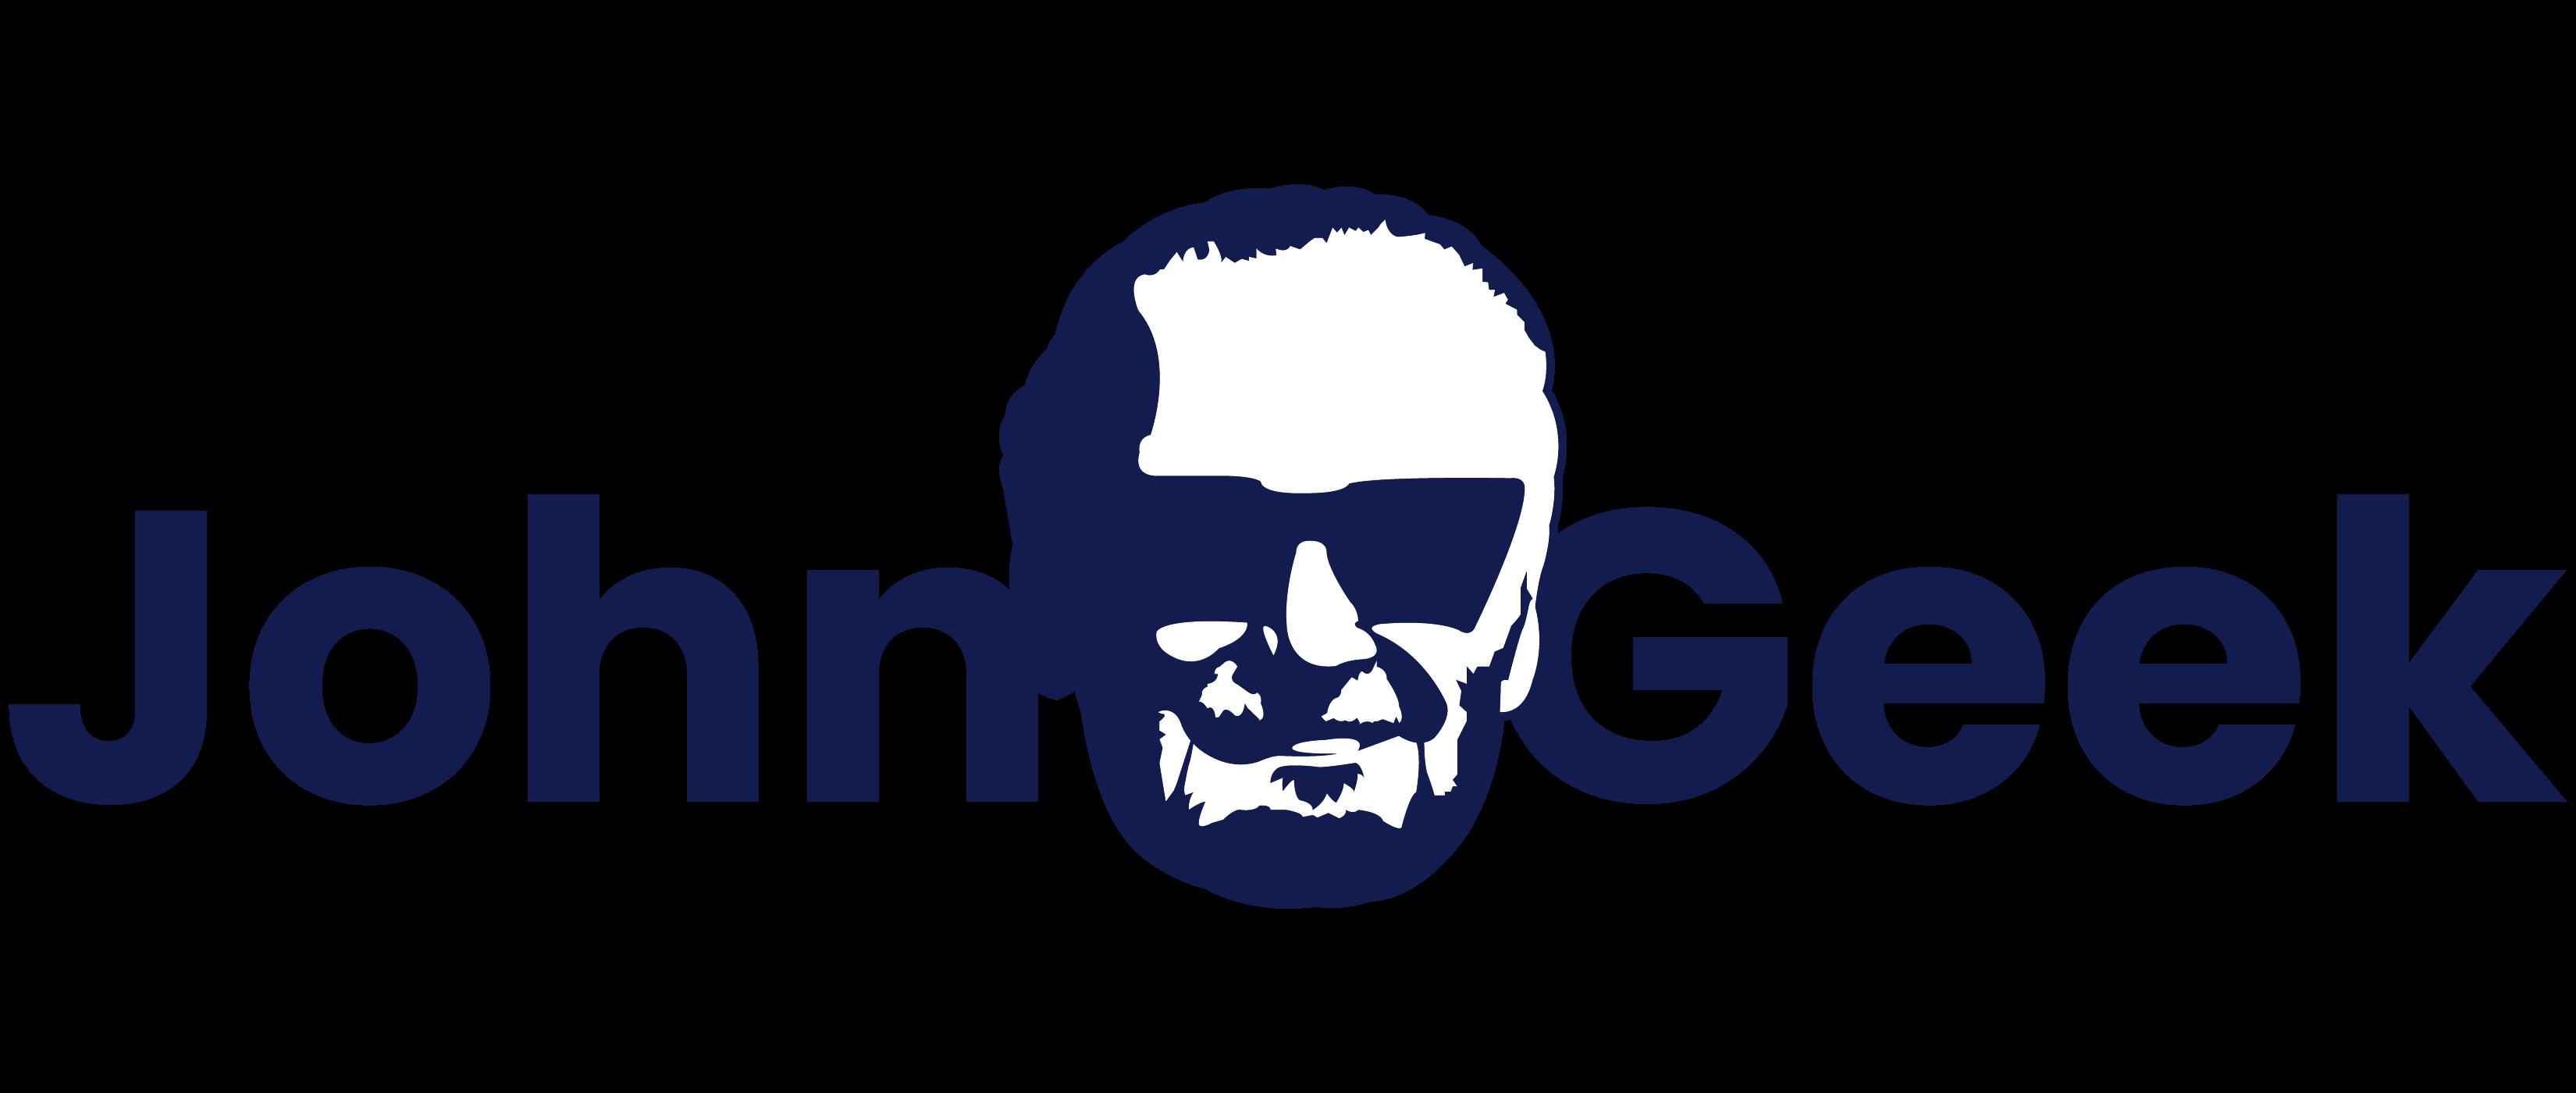 John Geek